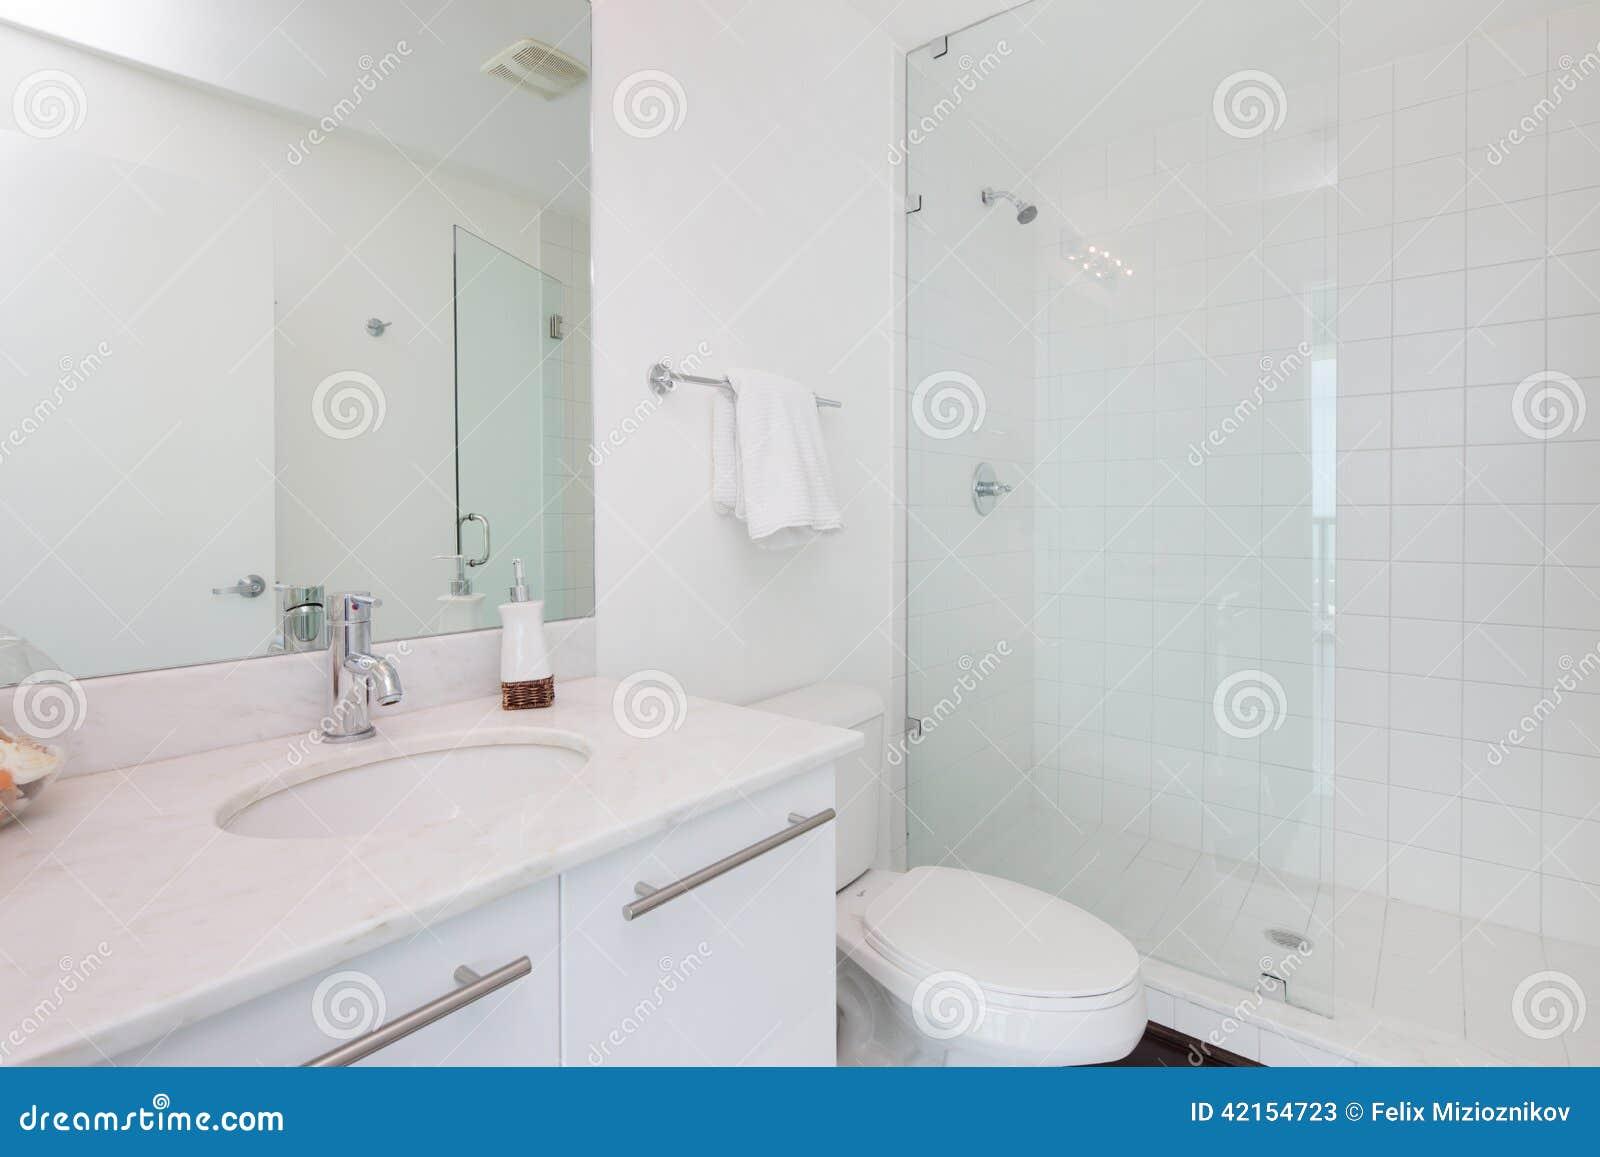 Weißes Badezimmer stockbild. Bild von badezimmer, weiß - 42154723